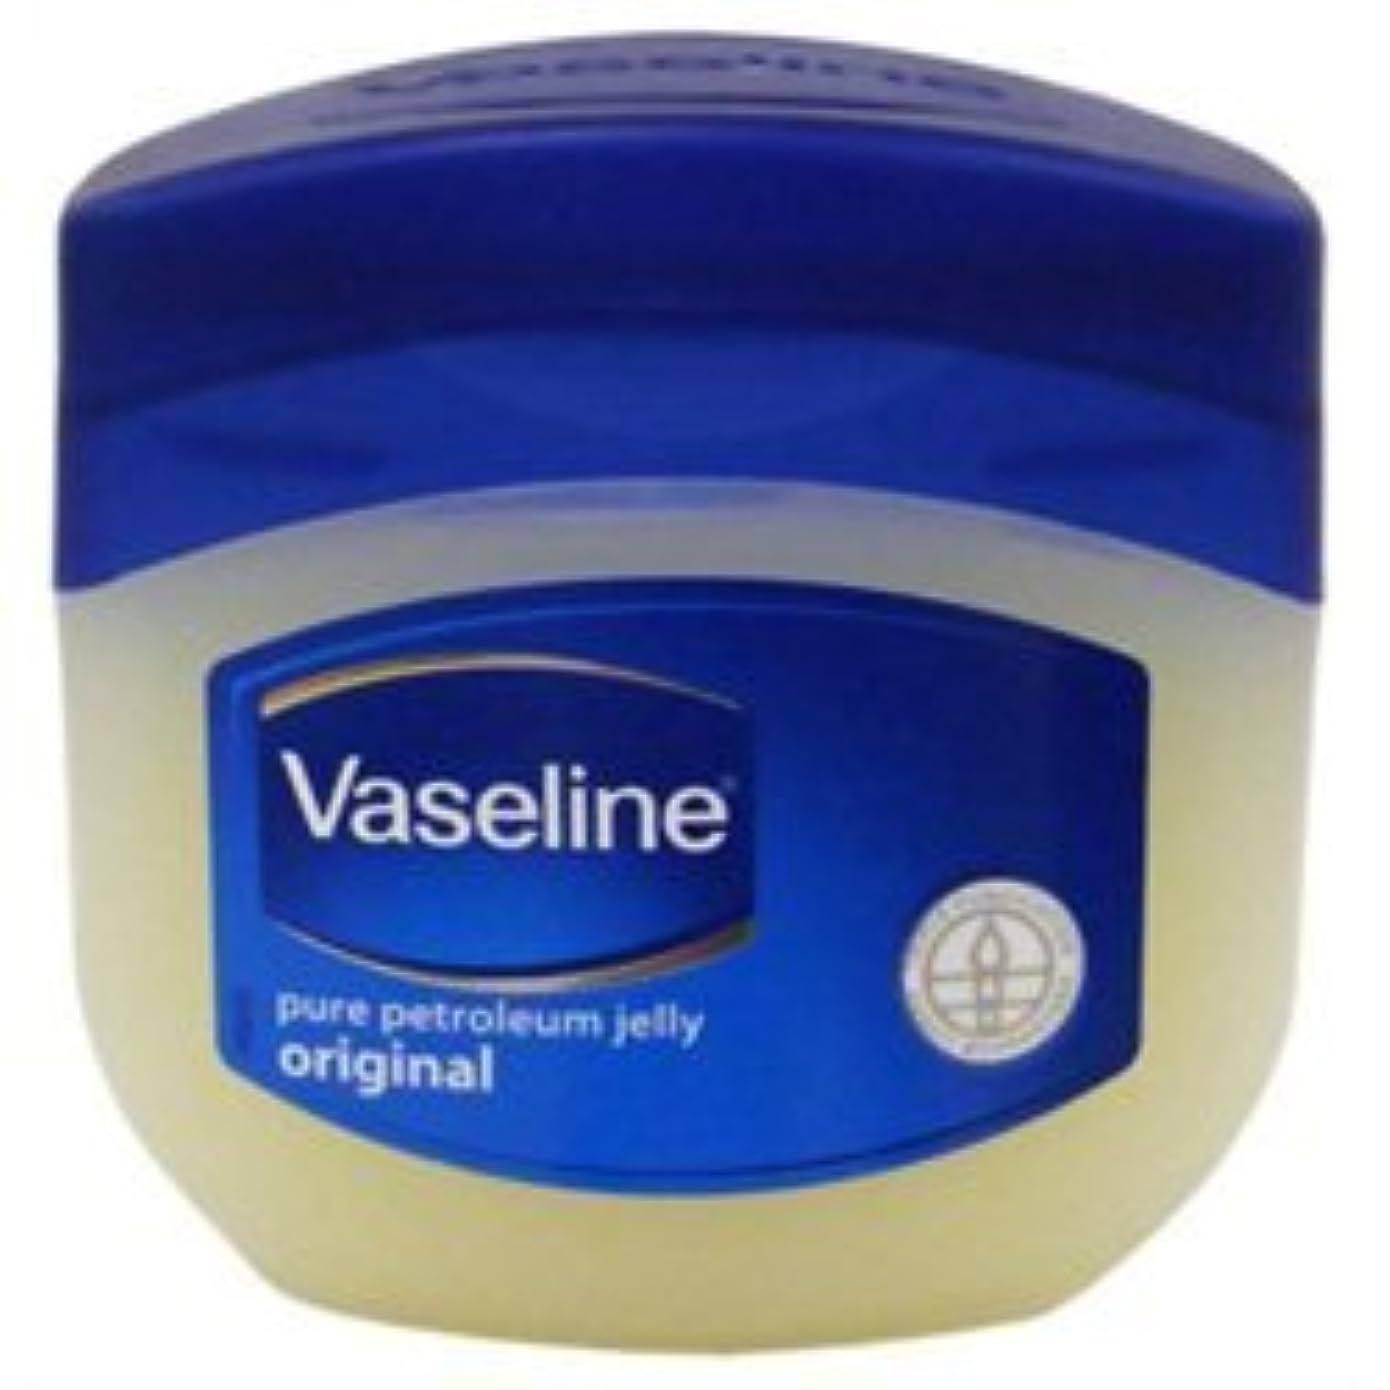 残基銃骨【Vaseline】ヴァセリン ピュアスキンジェリー (スキンオイル) 80g ×20個セット